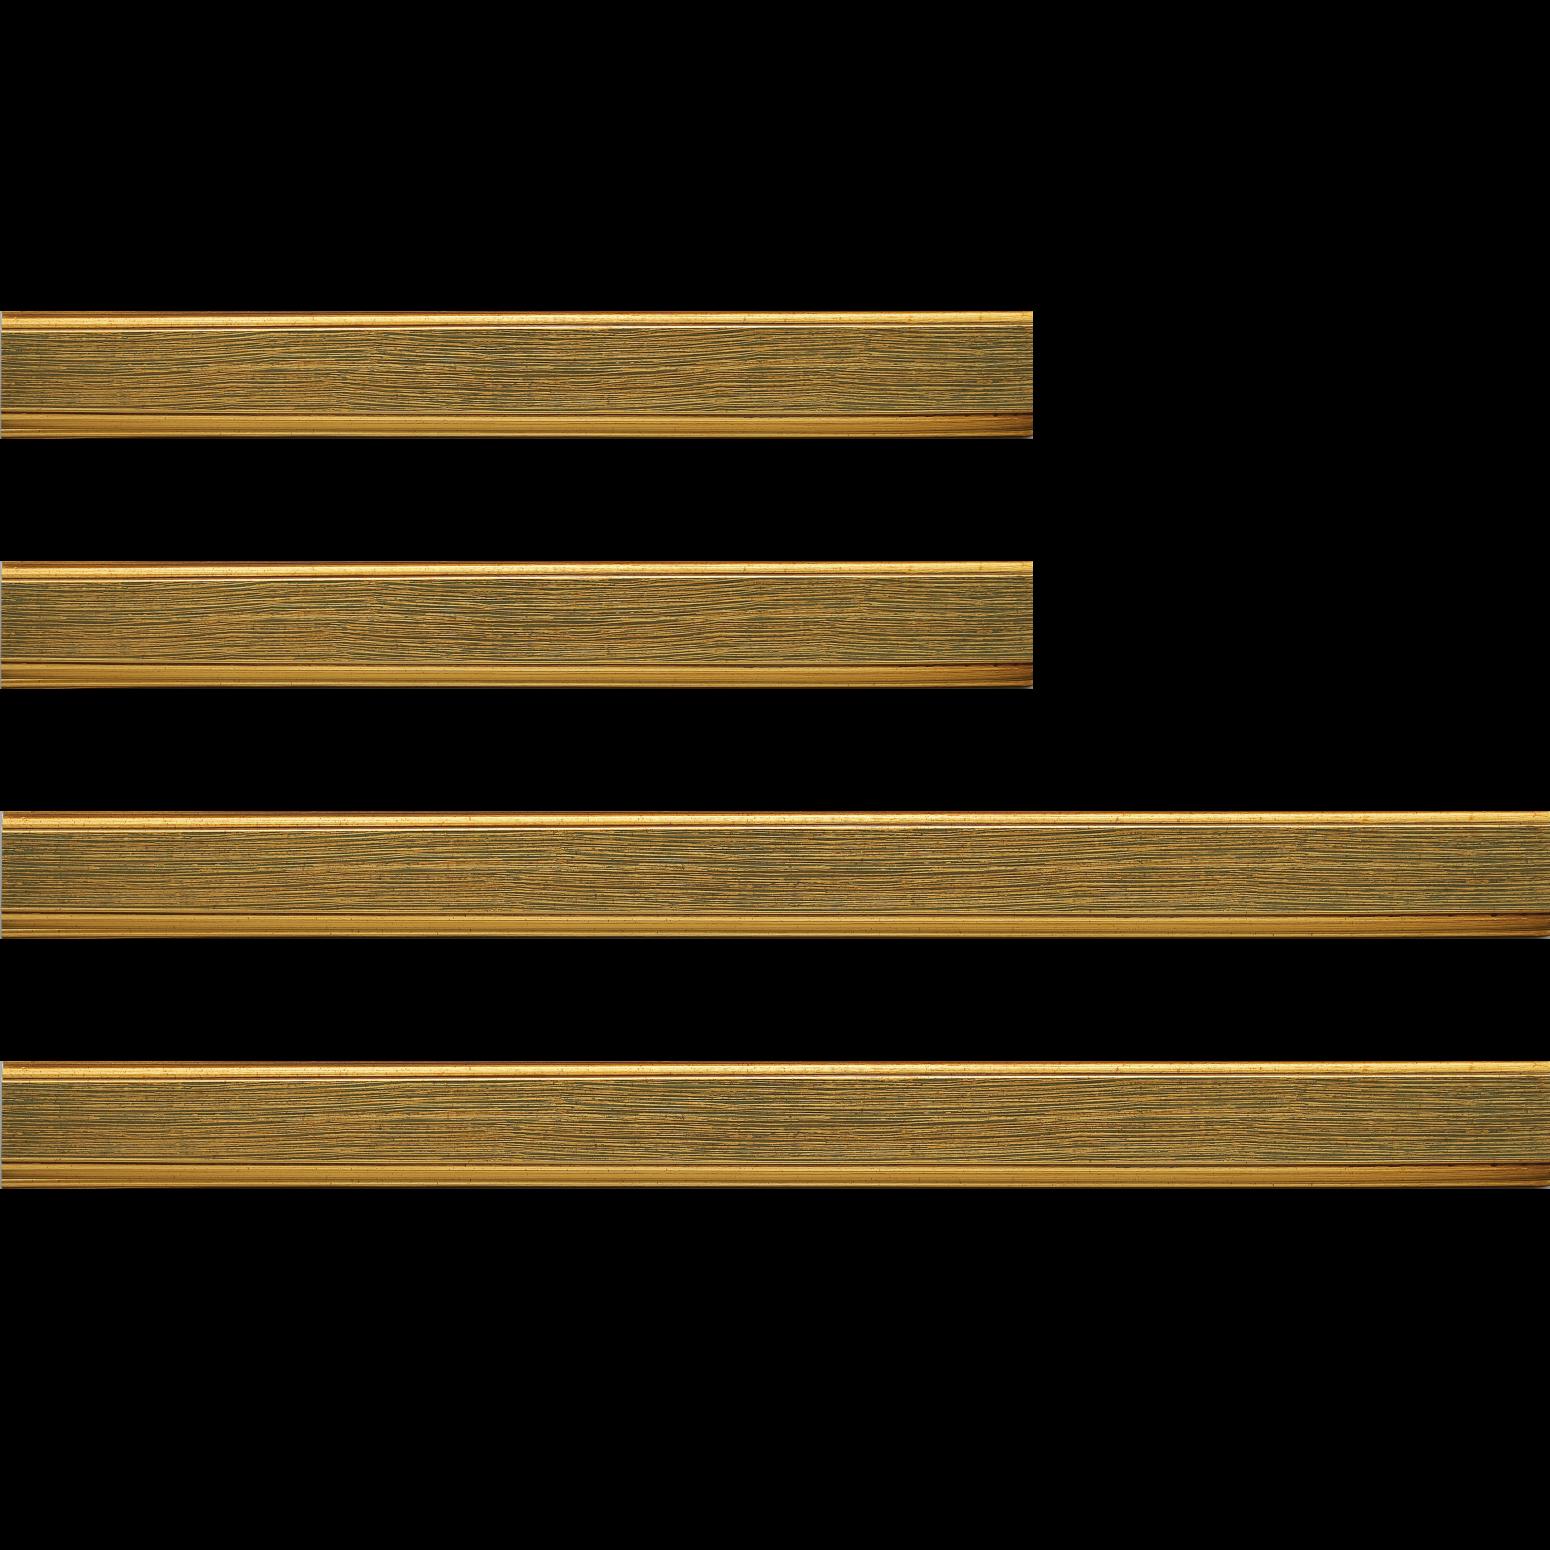 Baguette bois profil plat largeur 3.5cm couleur or fond vert filet or